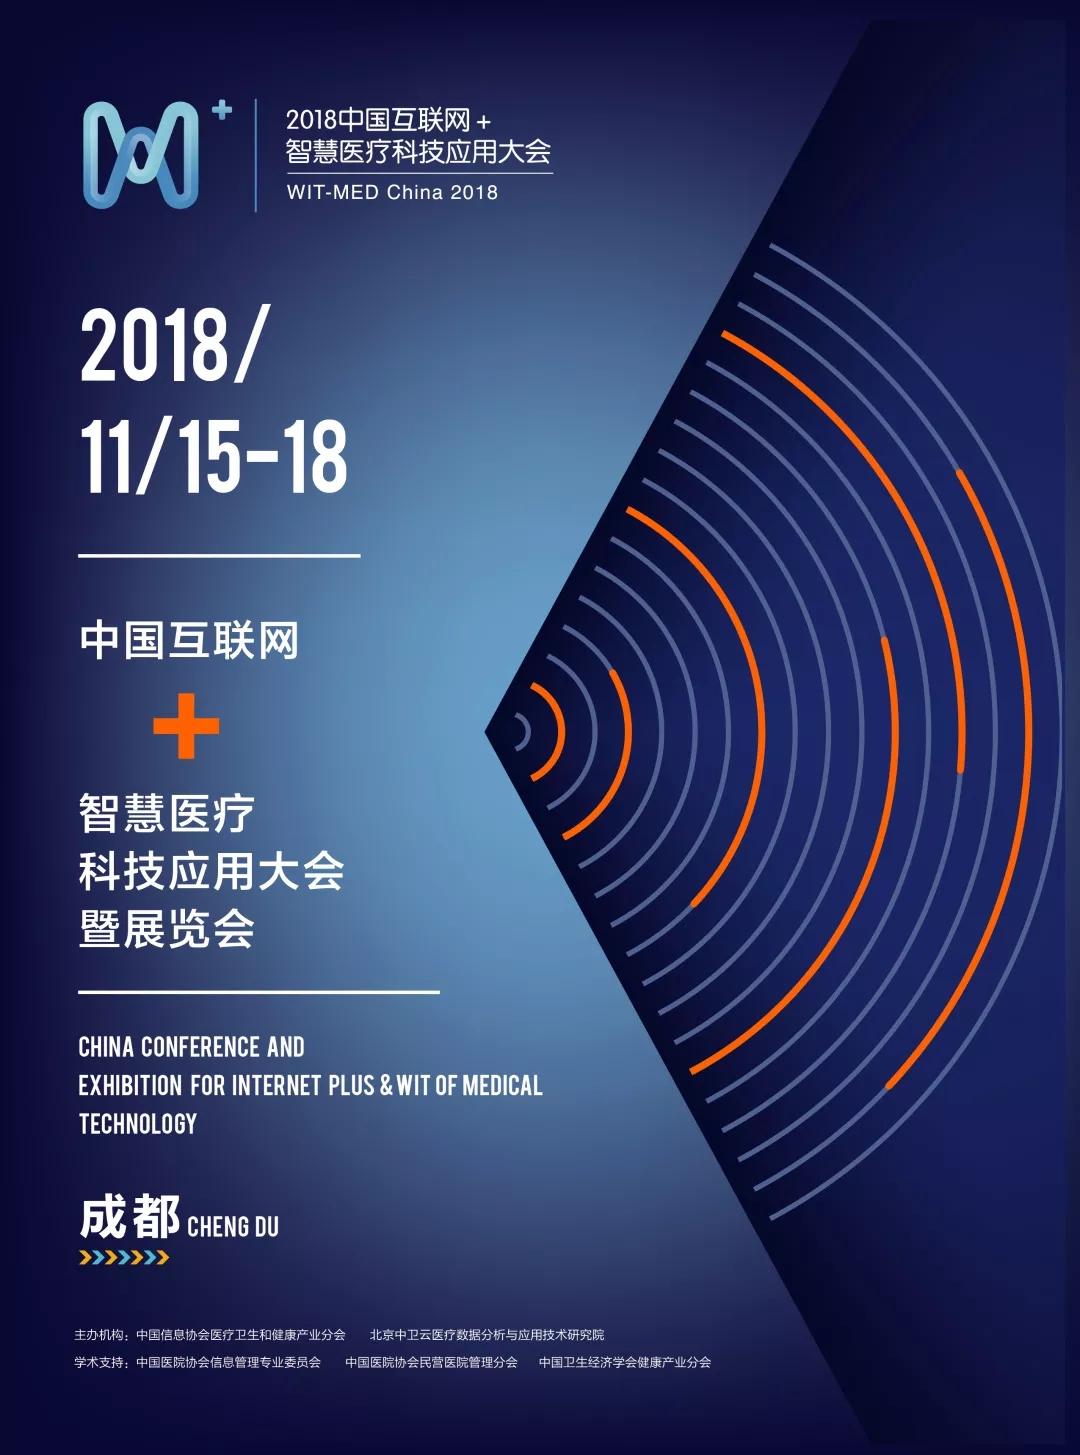 中国互联网+智慧医疗科技应用大会将于11月15日在成都举行